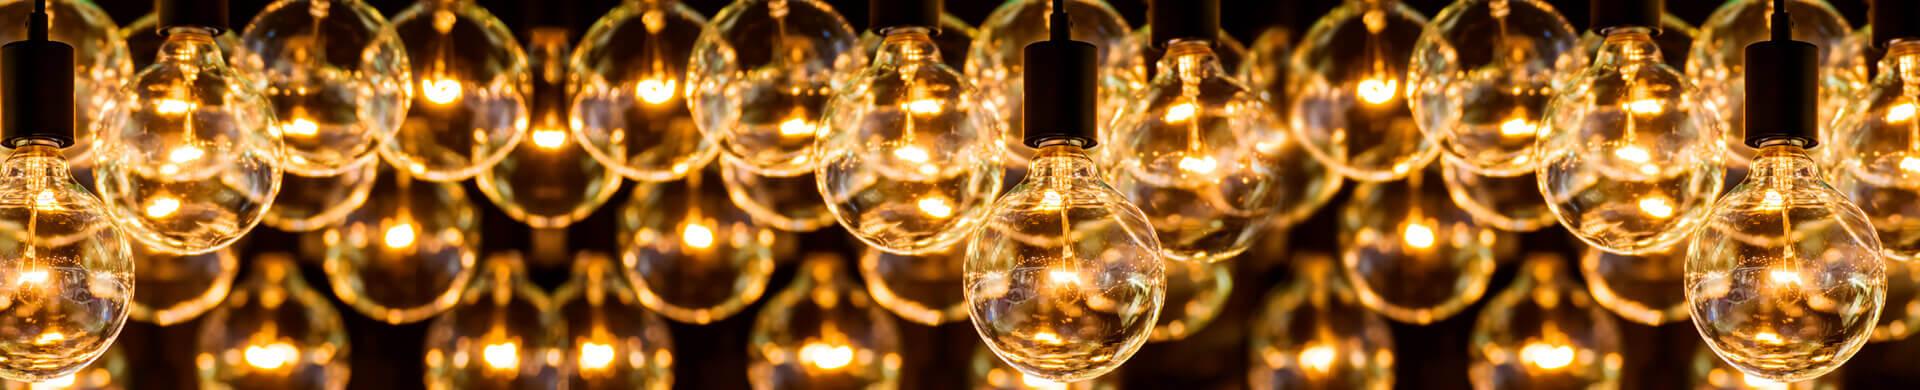 Dpt - Lâmpadas e Iluminação